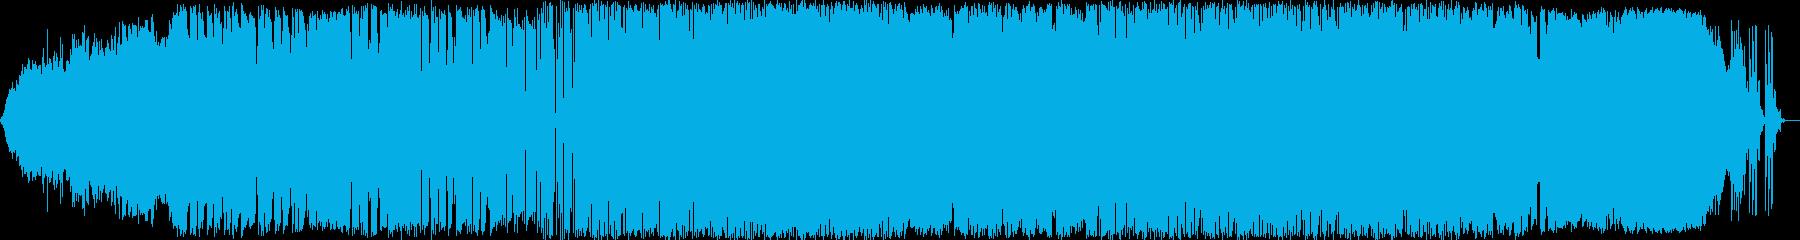 エレクトロニック 説明的 静か a...の再生済みの波形